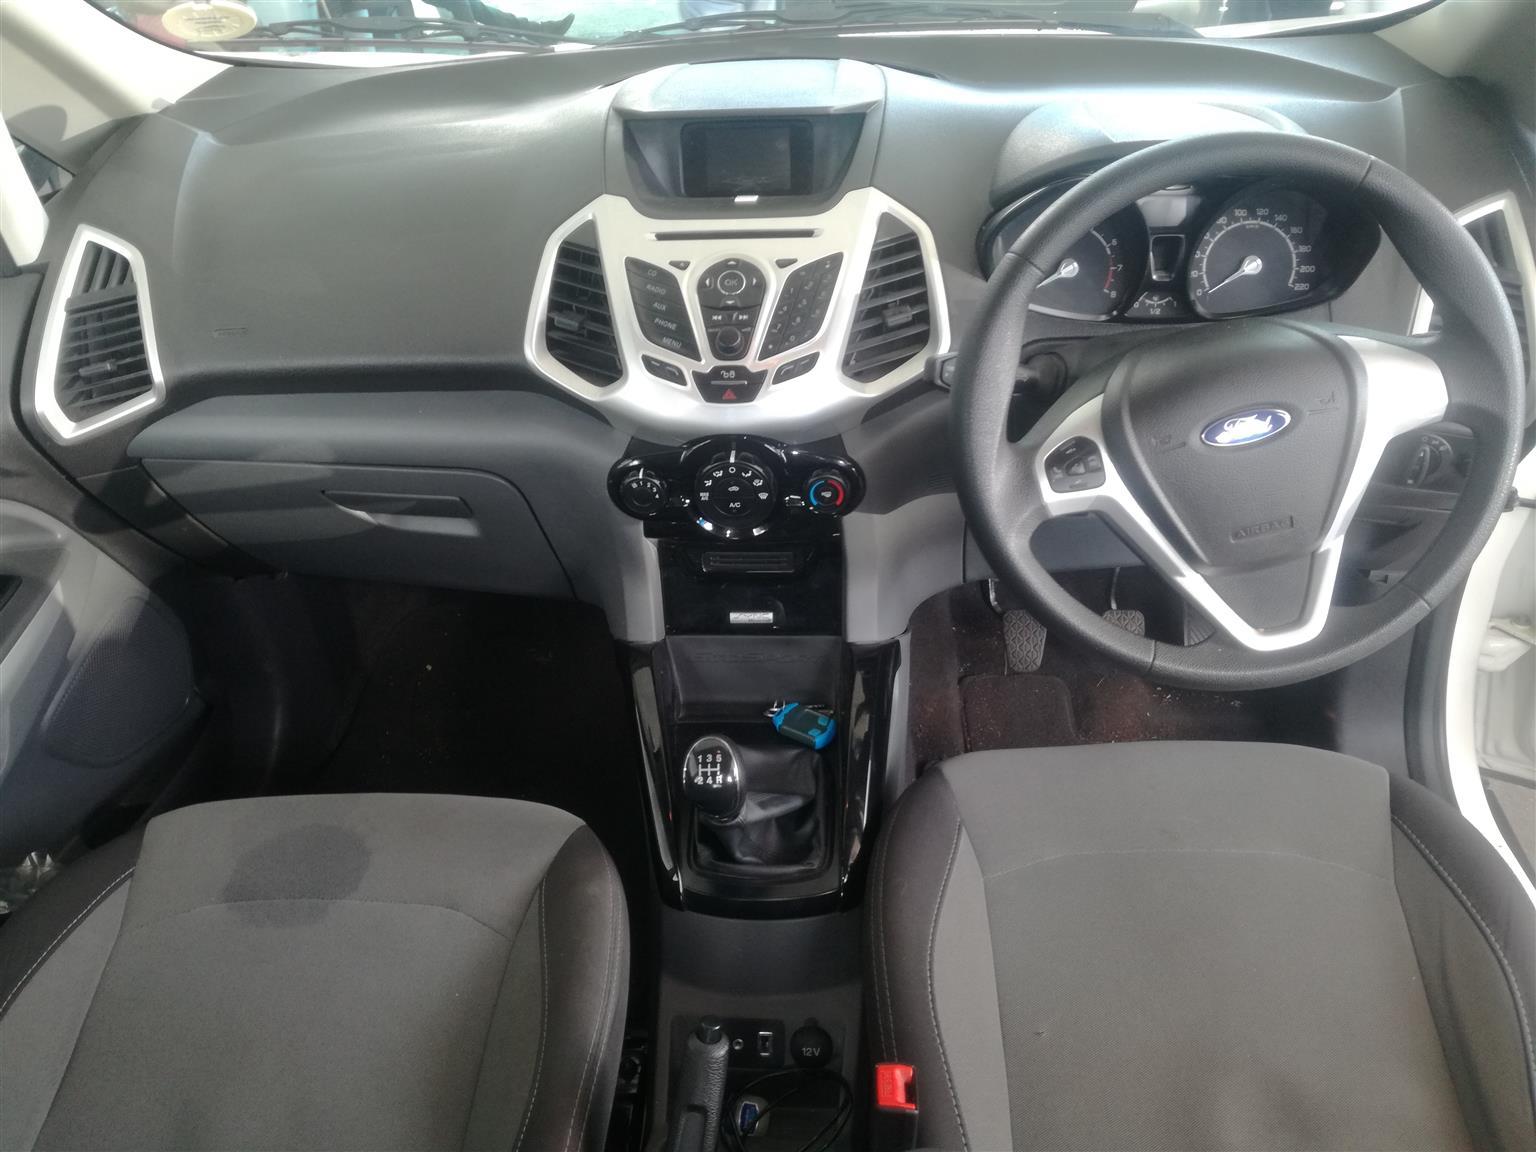 2014 Ford EcoSport 1.0T Titanium